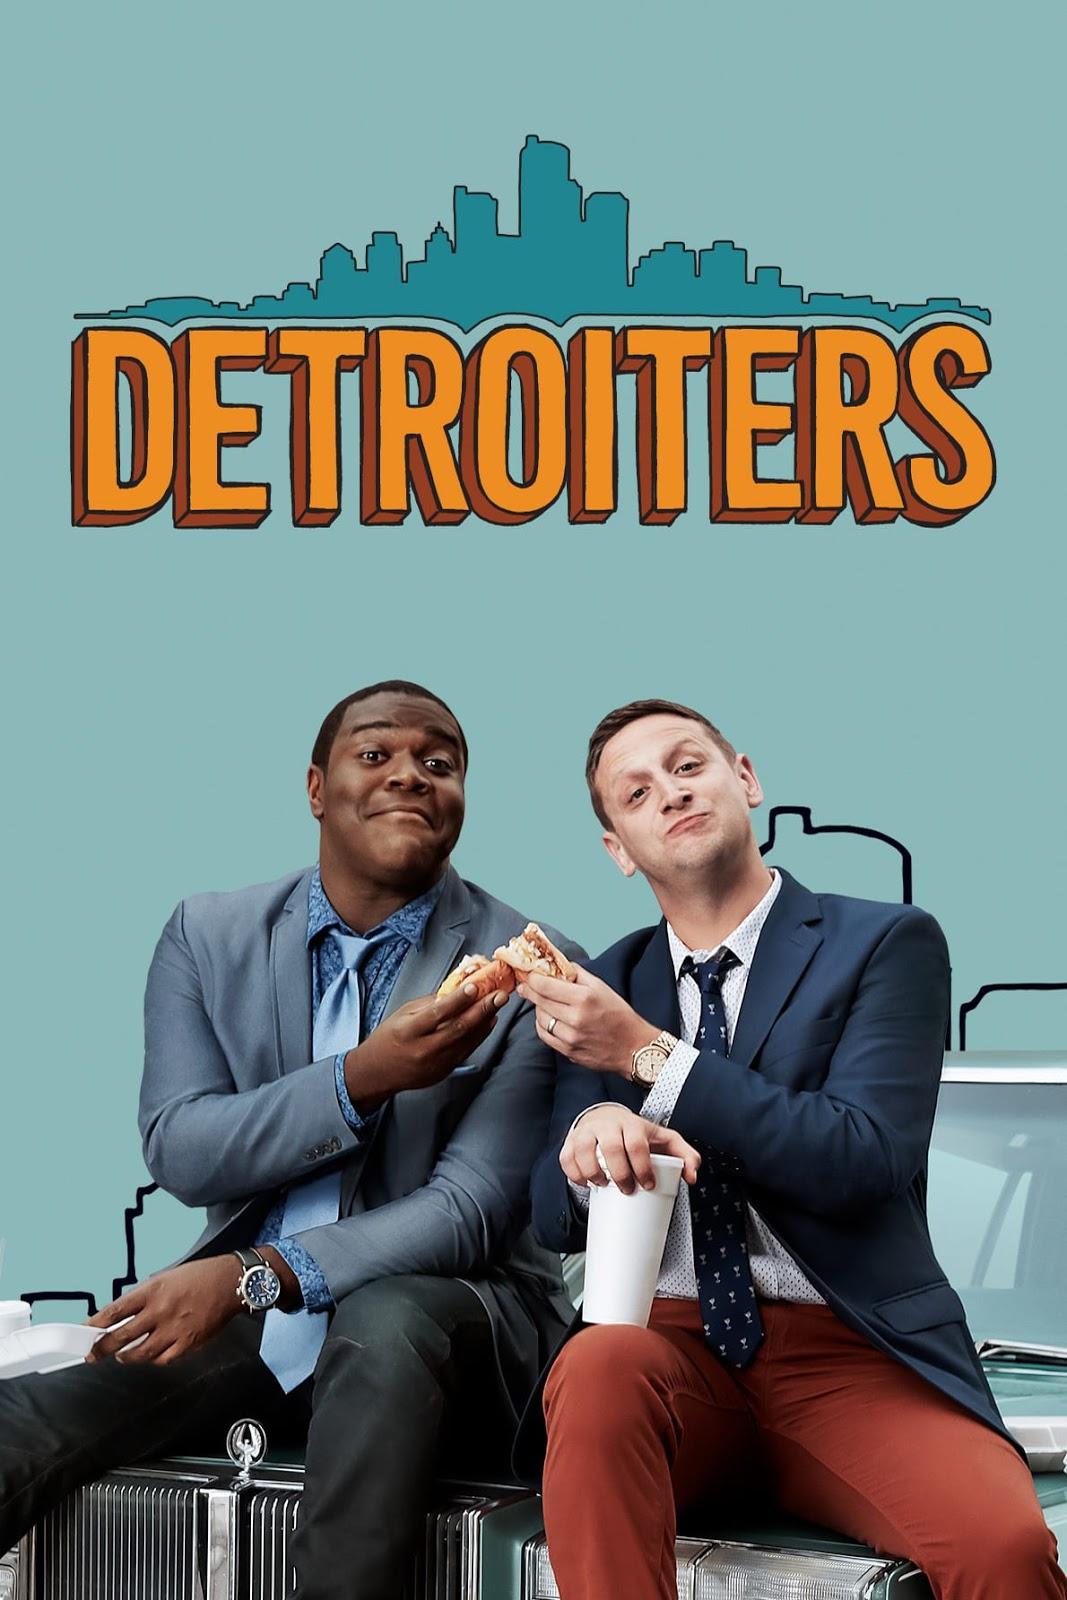 Detroiters S02E02 HD 720p – 480p [English]